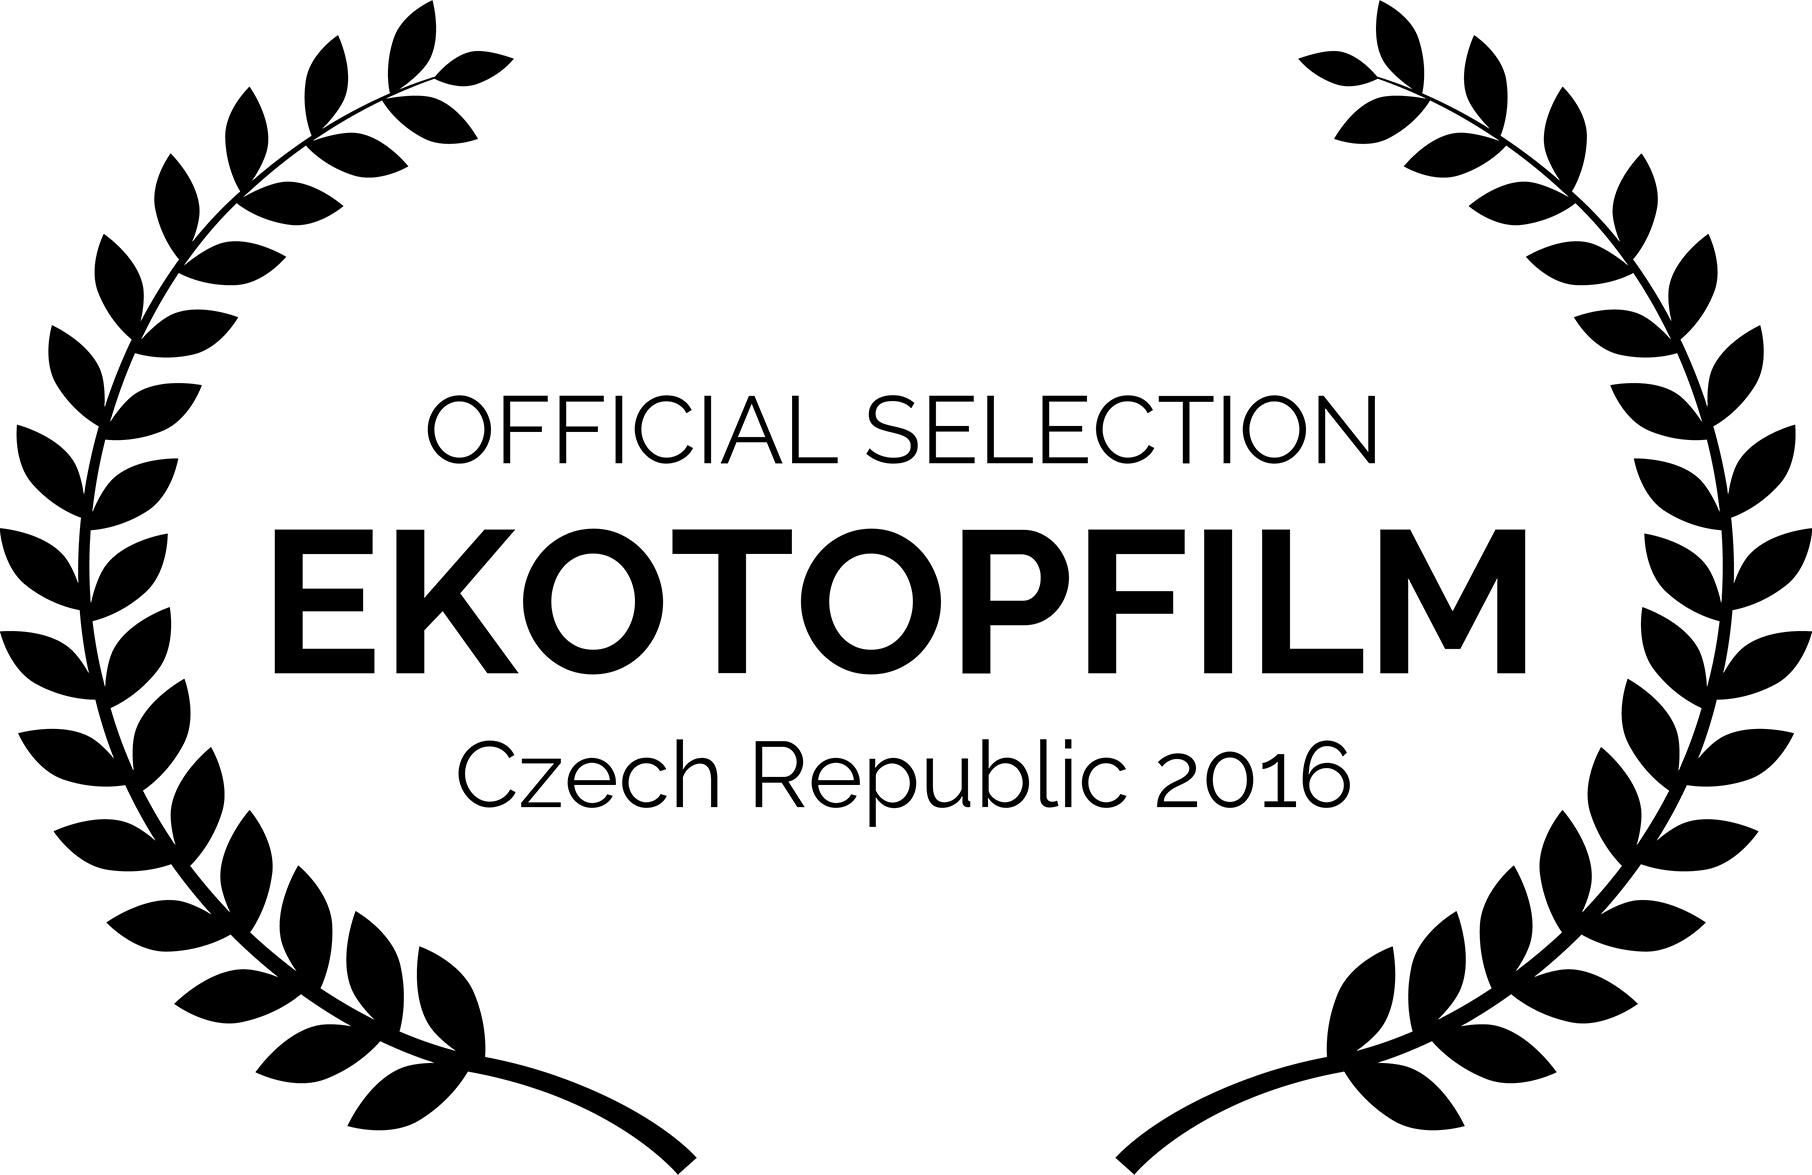 ekotopfilm laurels 2016